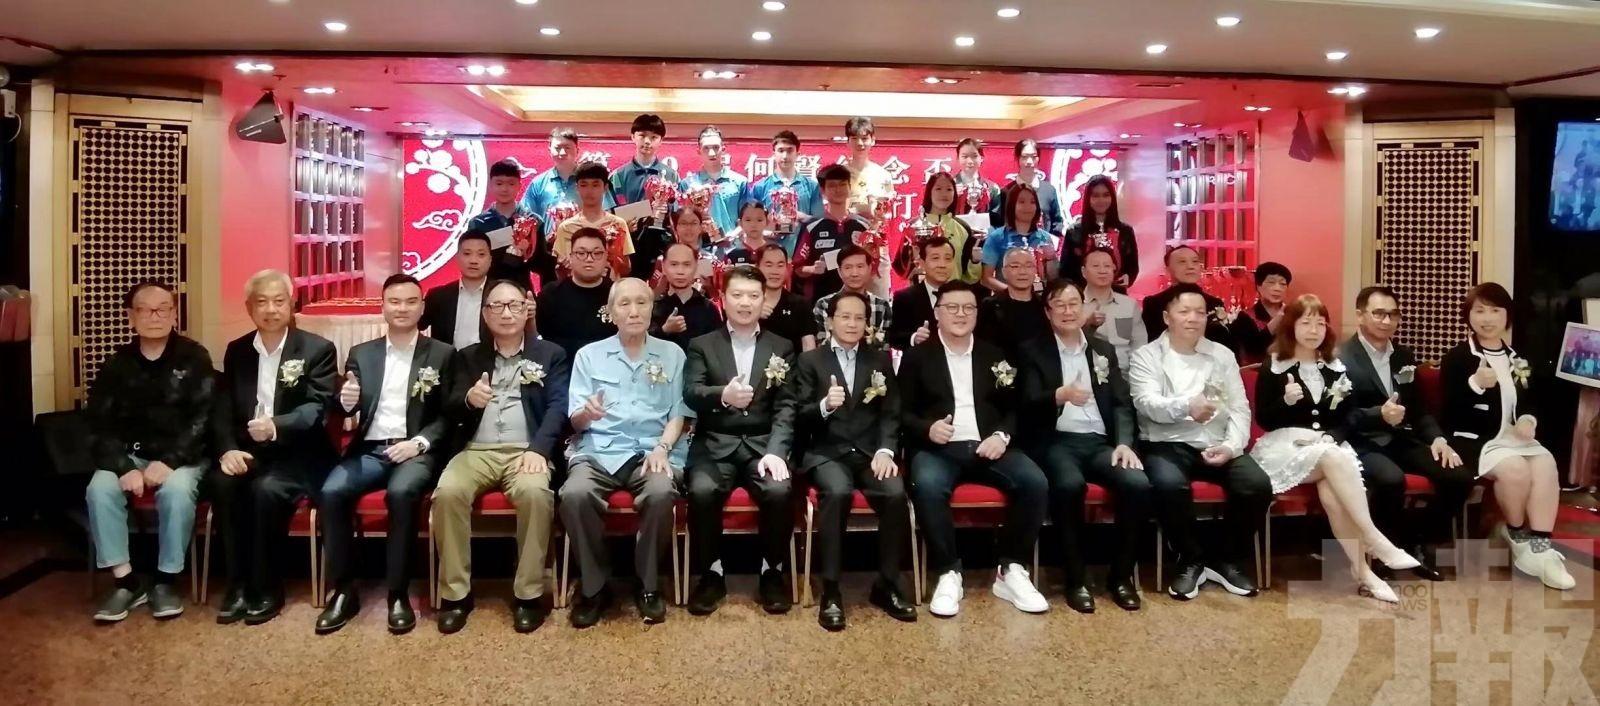 何賢紀念盃乒乓球賽頒發獎項